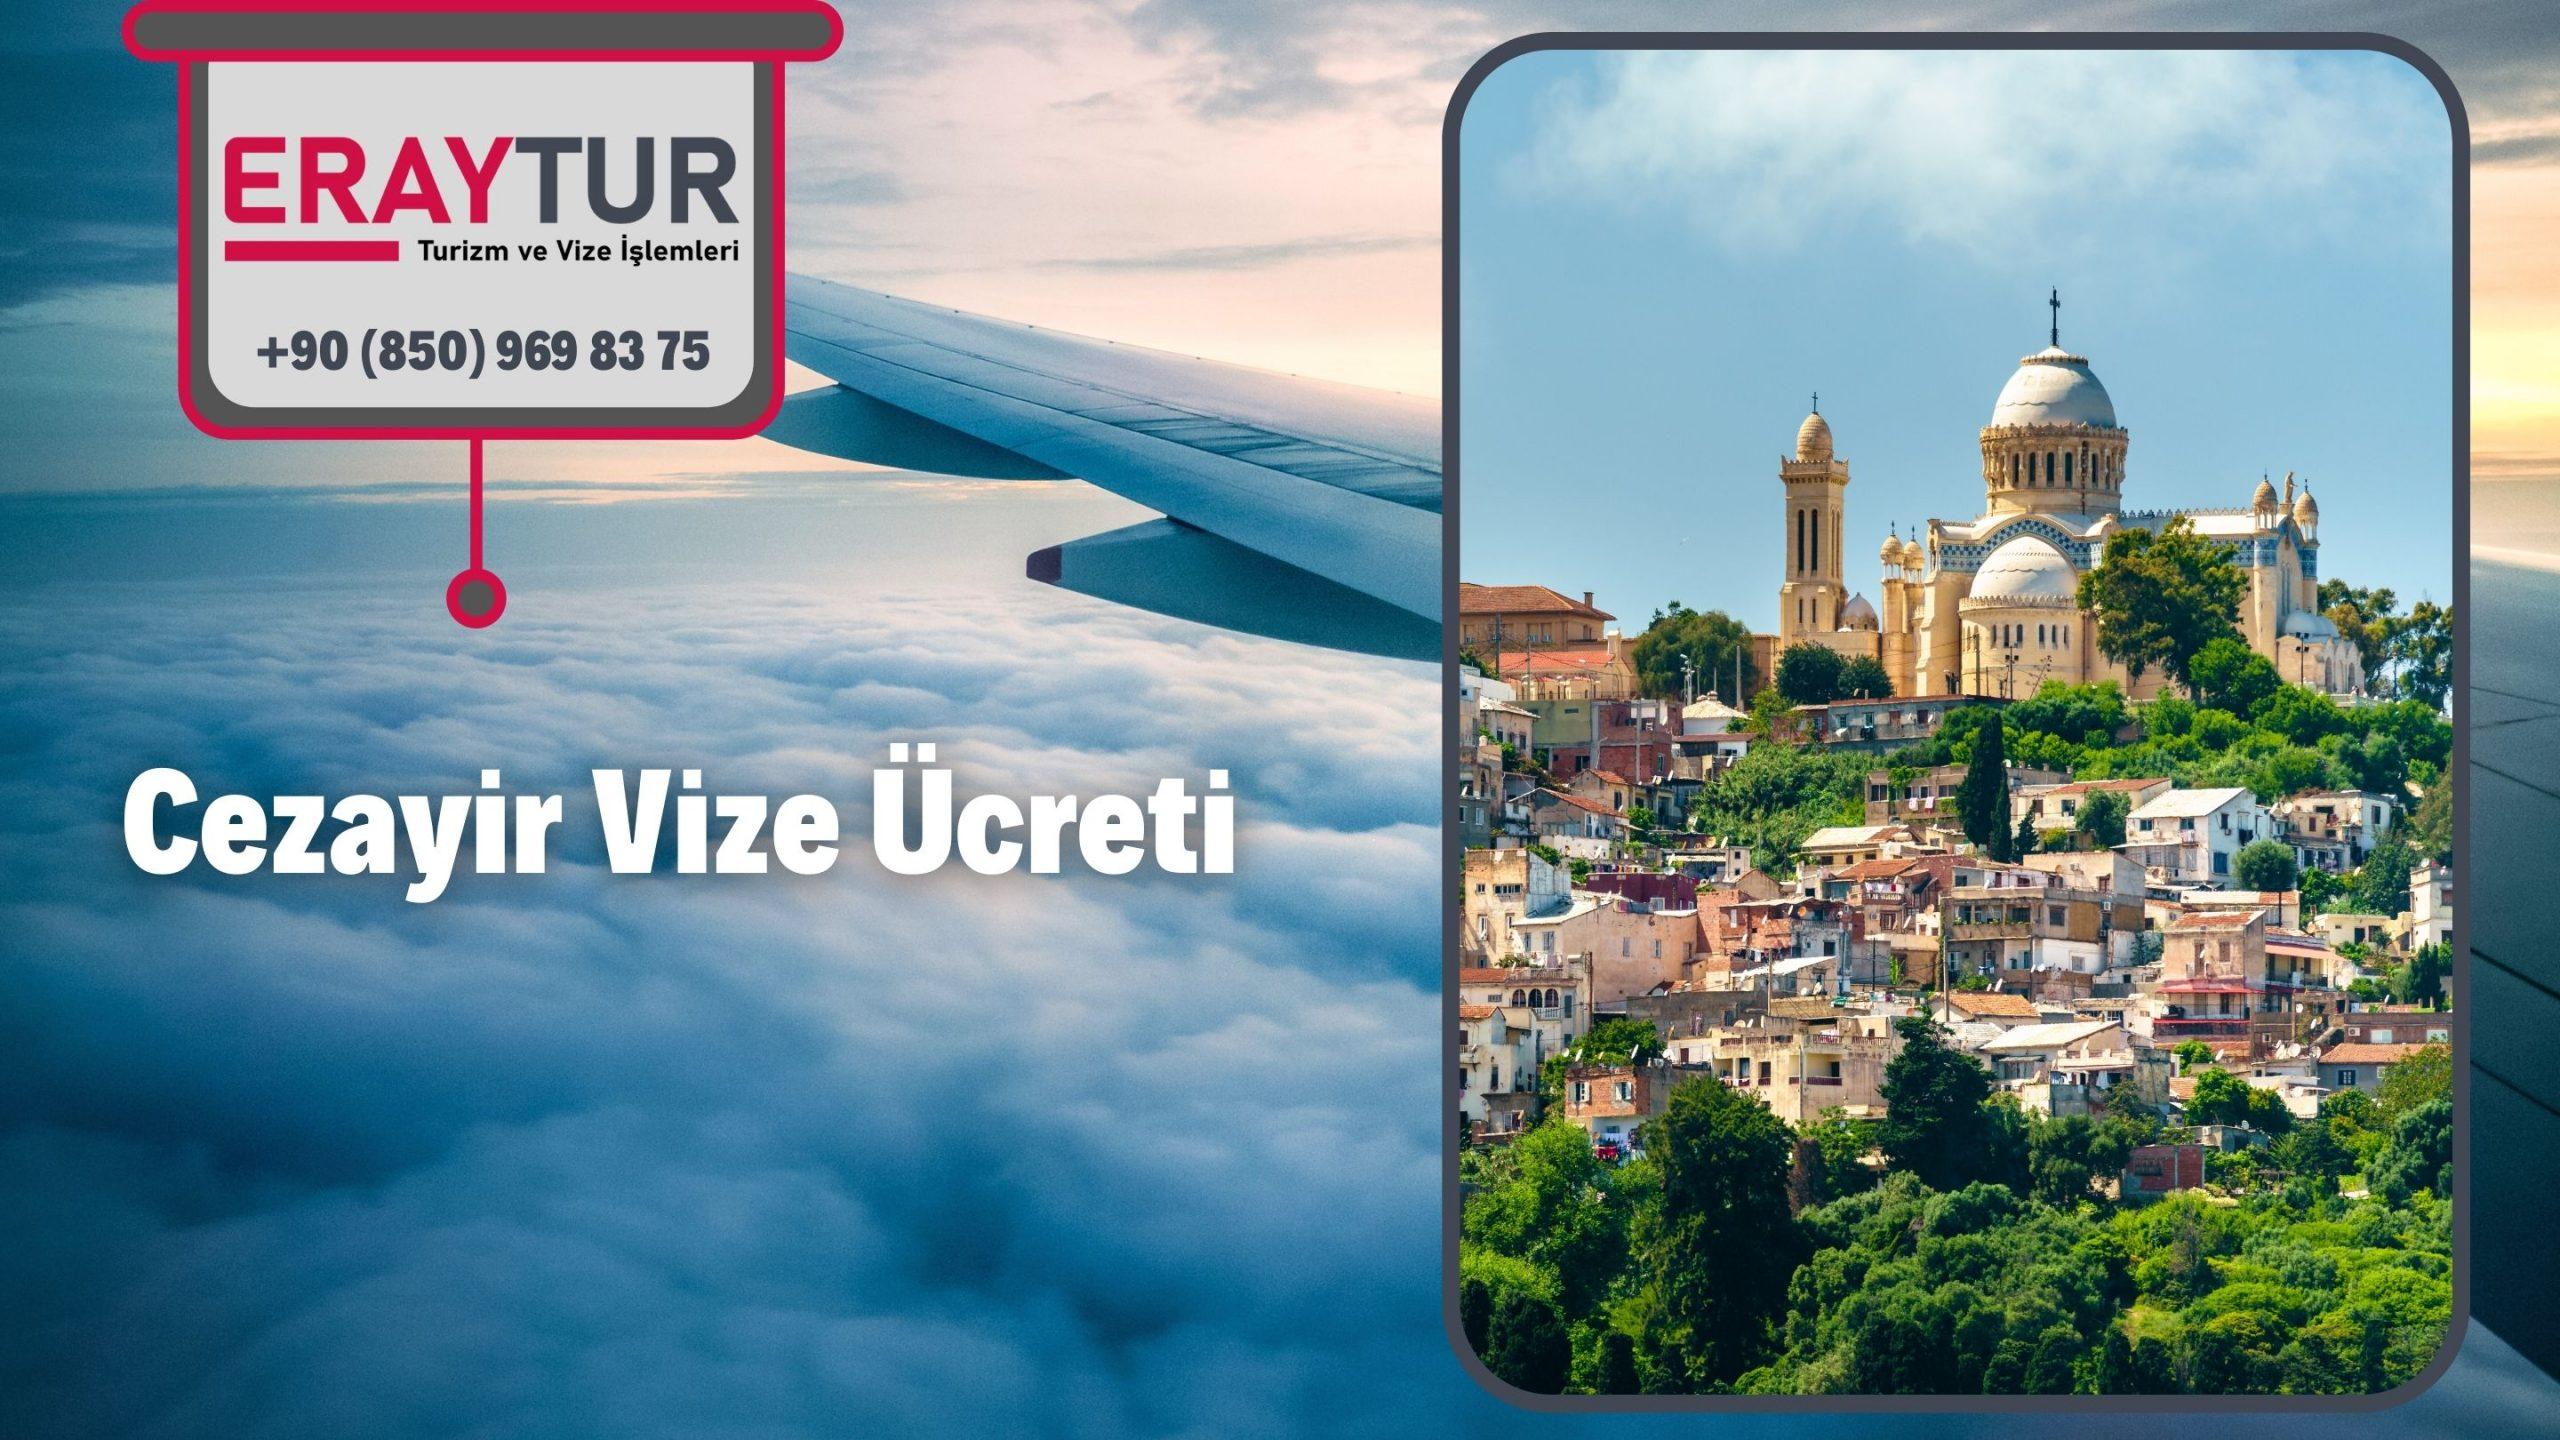 Cezayir Vize Ücreti